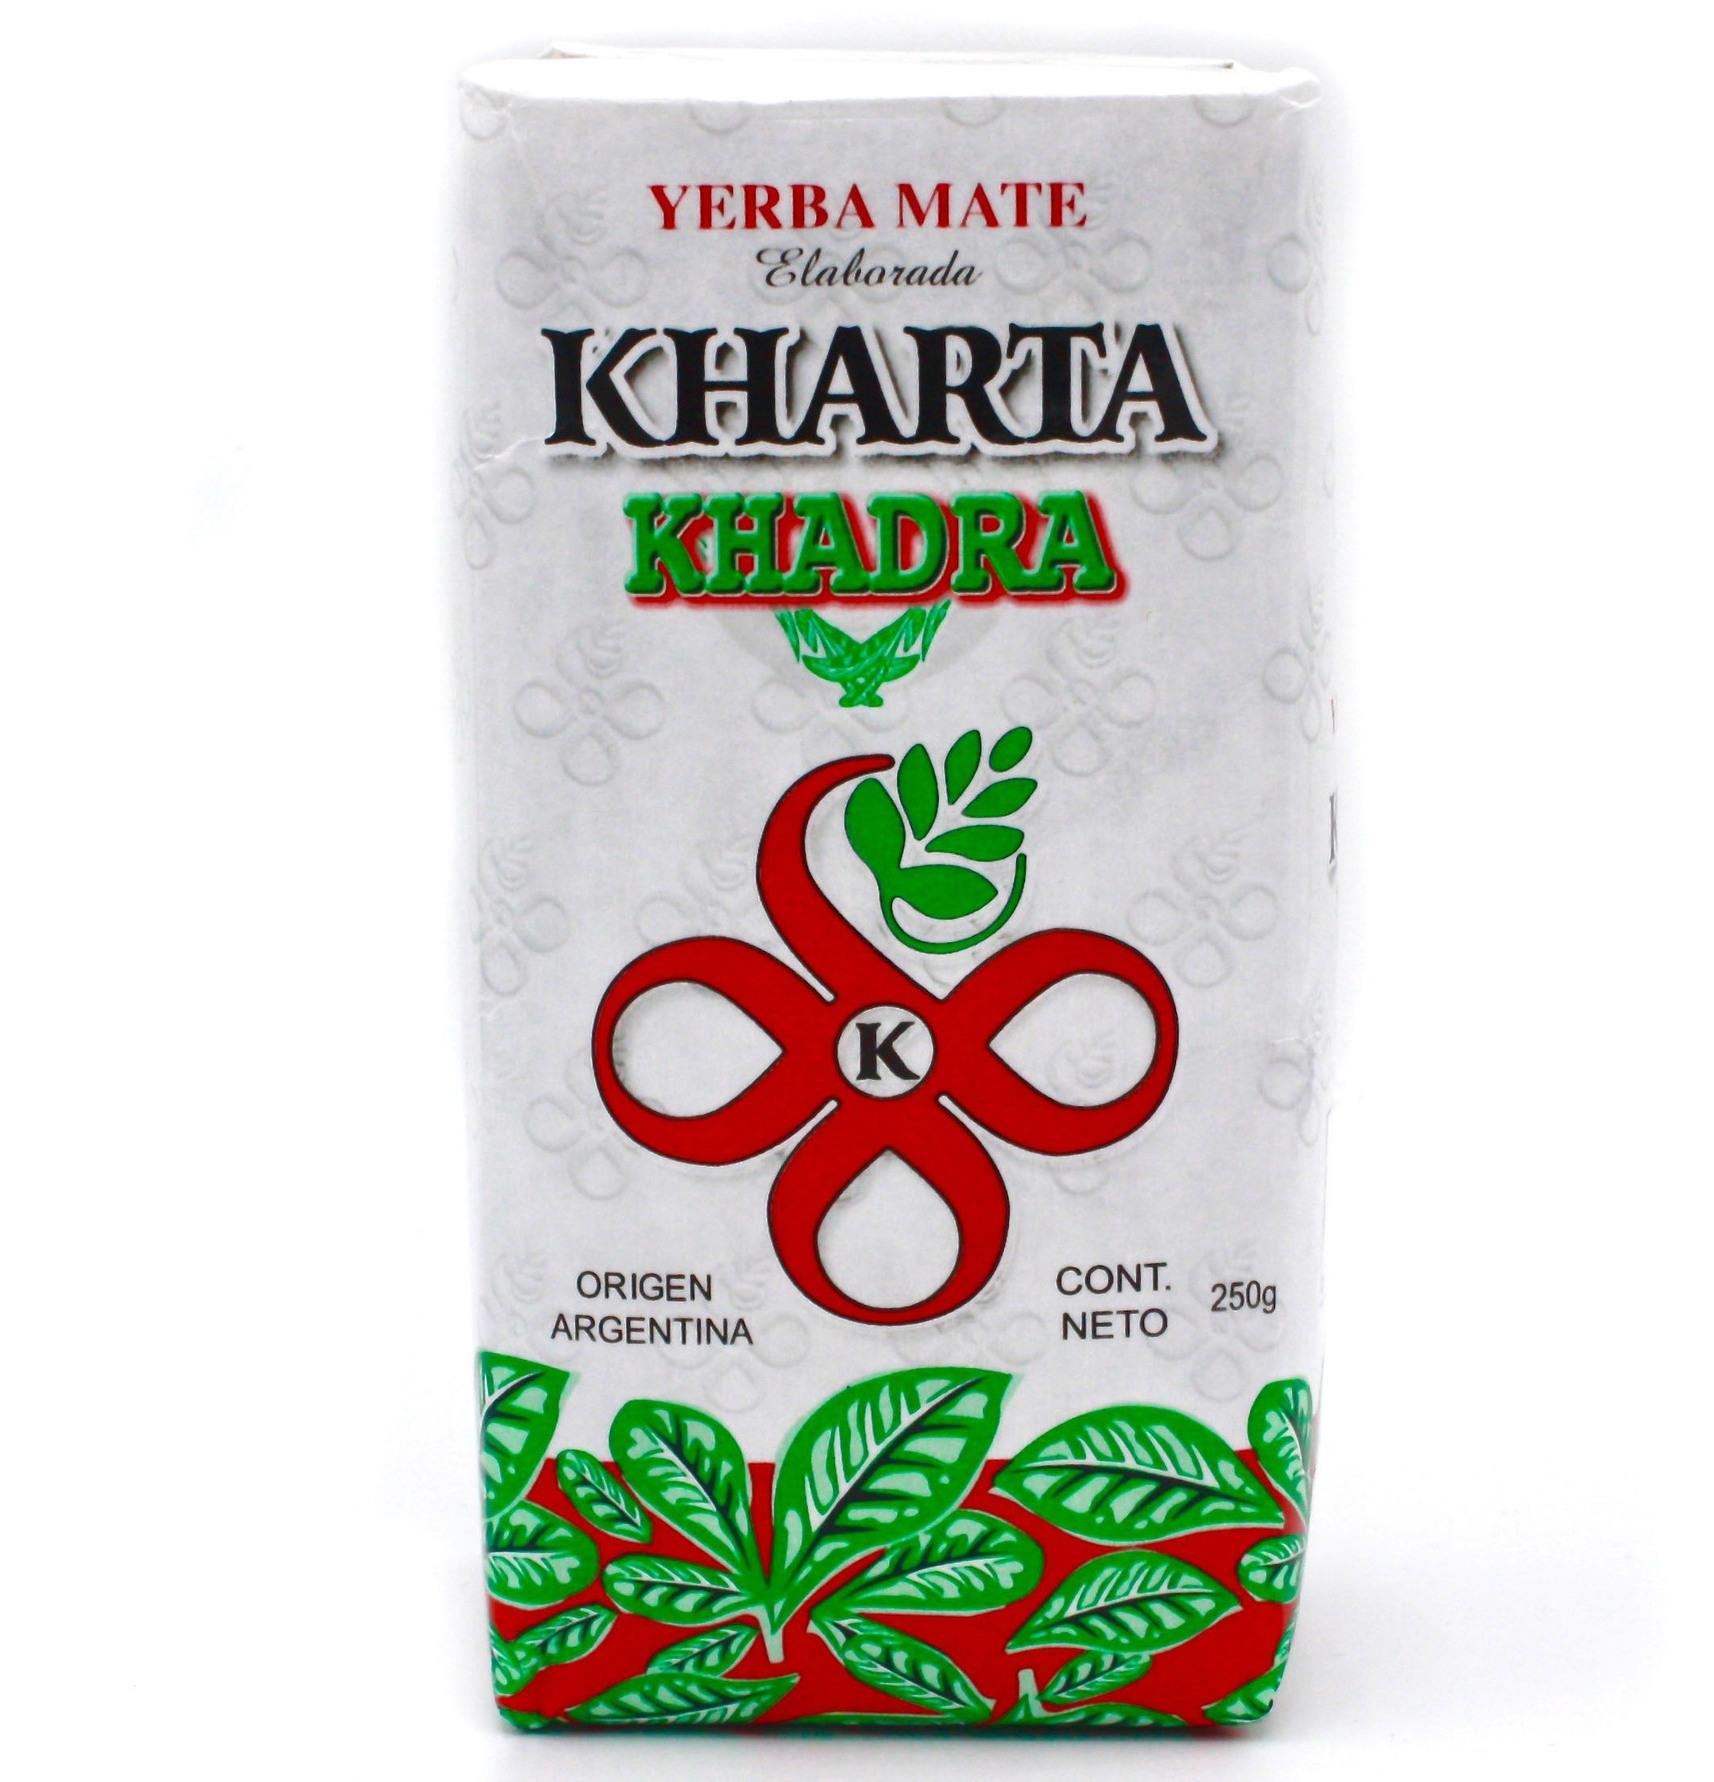 Травяной чай Мате Kharta Khadra, 250 г import_files_ac_acda60ab5f4f11e8868b448a5b3752ae_f550a0f638f411e9a9a6484d7ecee297.jpg